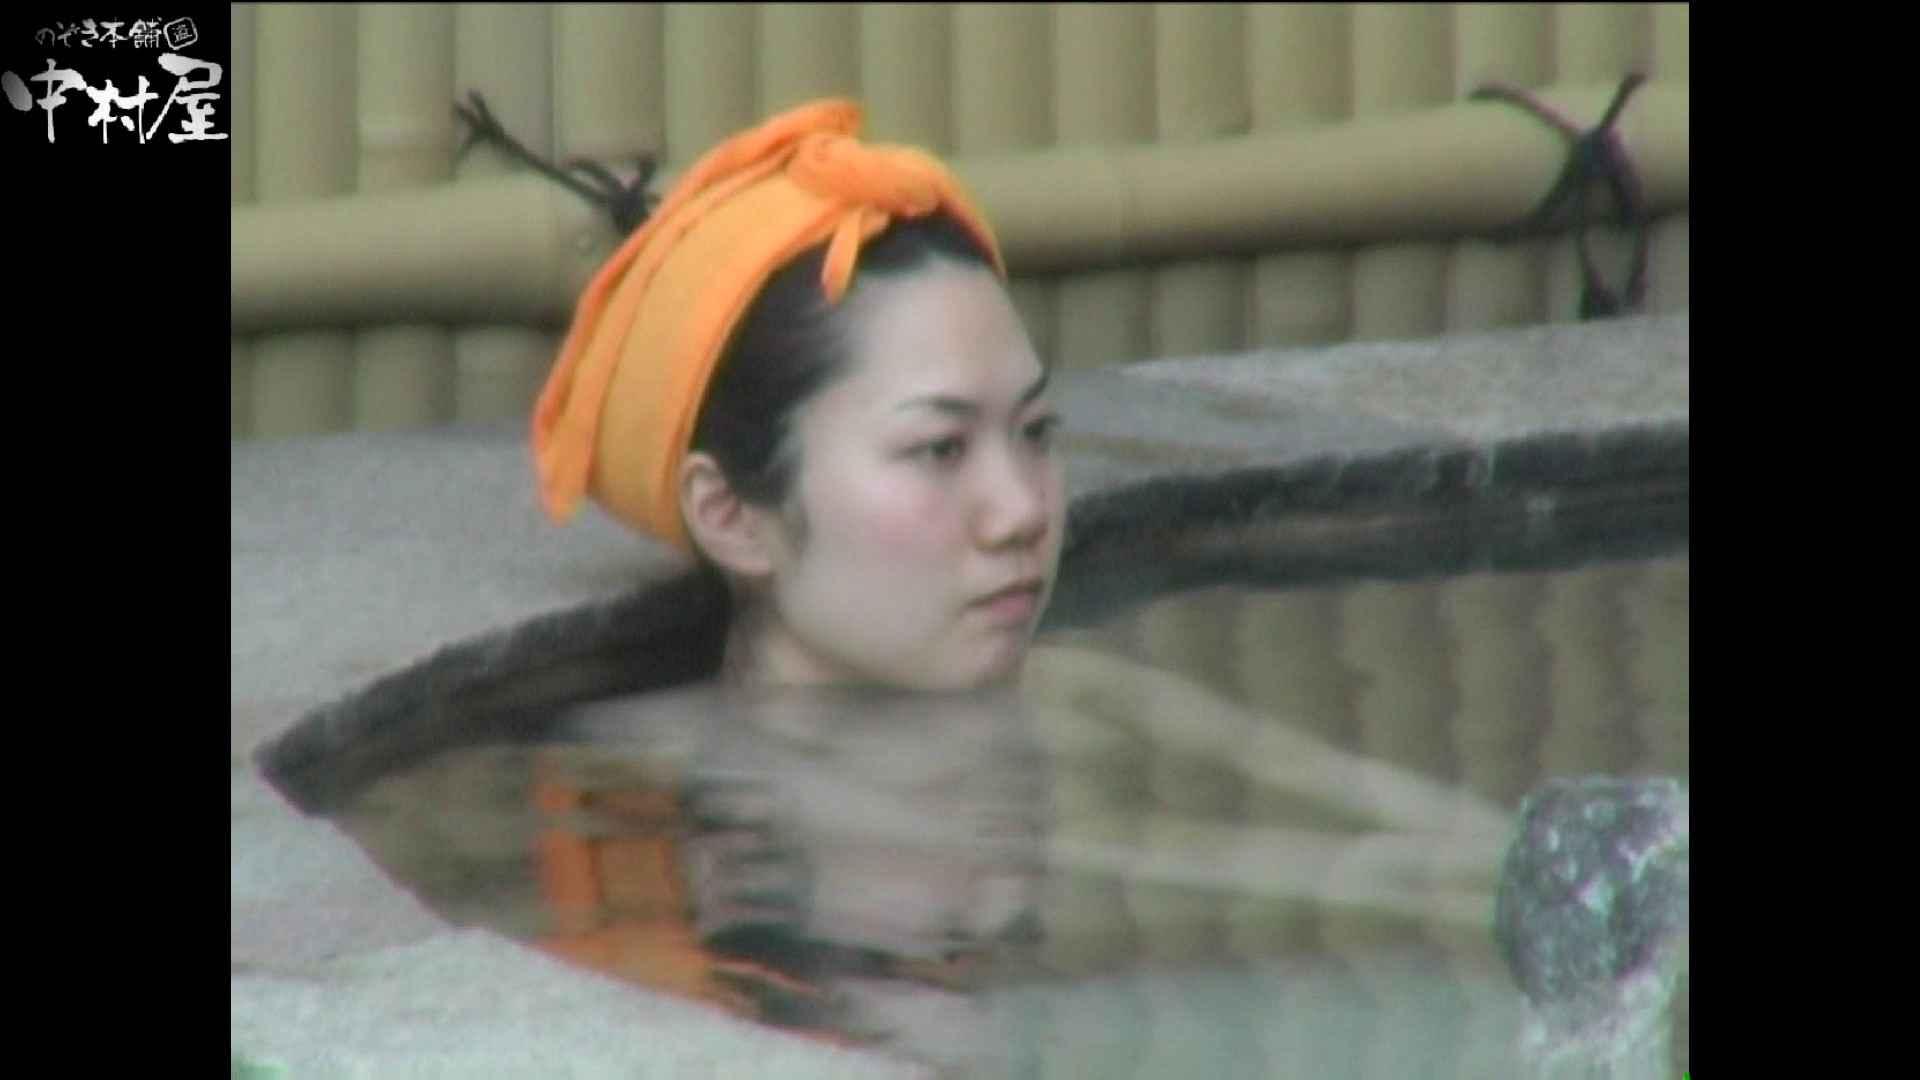 Aquaな露天風呂Vol.978 OLハメ撮り  57Pix 20